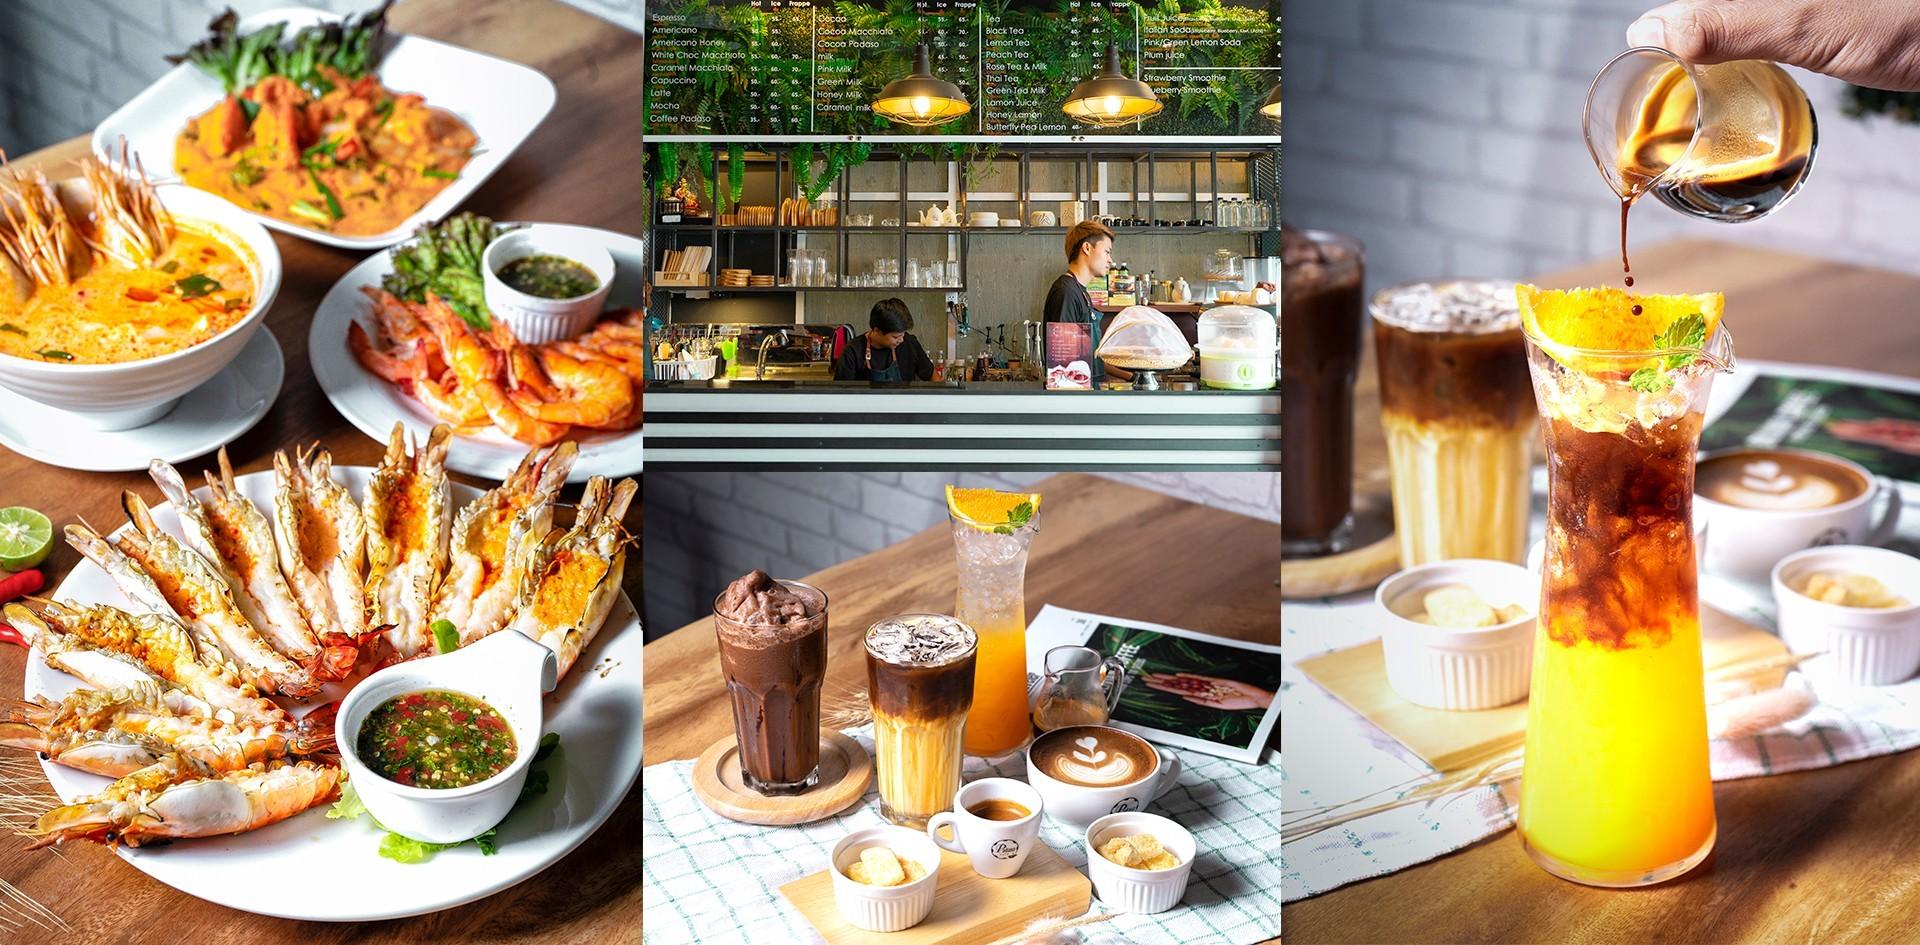 [รีวิว] Padaso Cafe เชียงใหม่ ร้านกาแฟเชียงใหม่ กาแฟดี ๆ แกล้มกุ้งเผา!